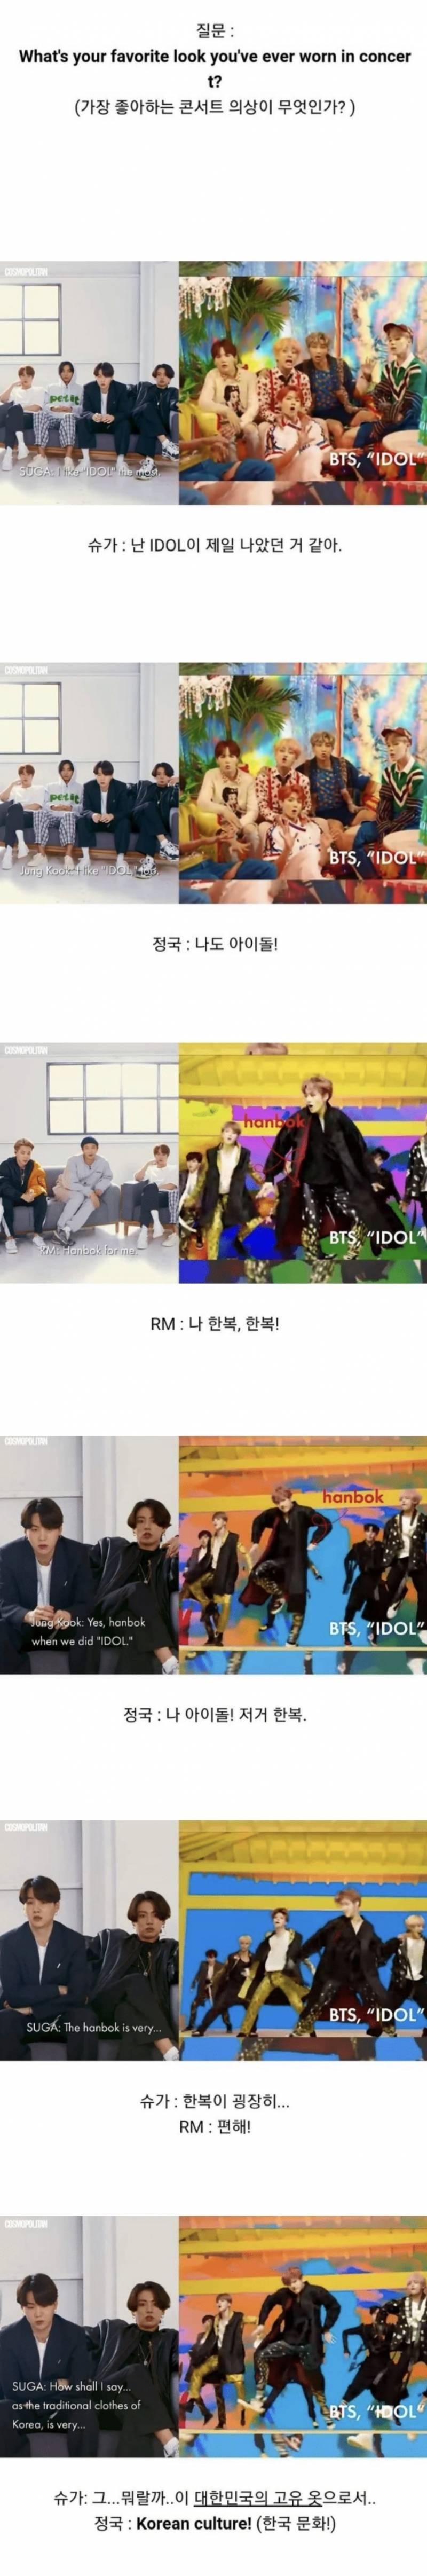 BTS: 한복은 대한민국의 고유옷이다 | 인스티즈